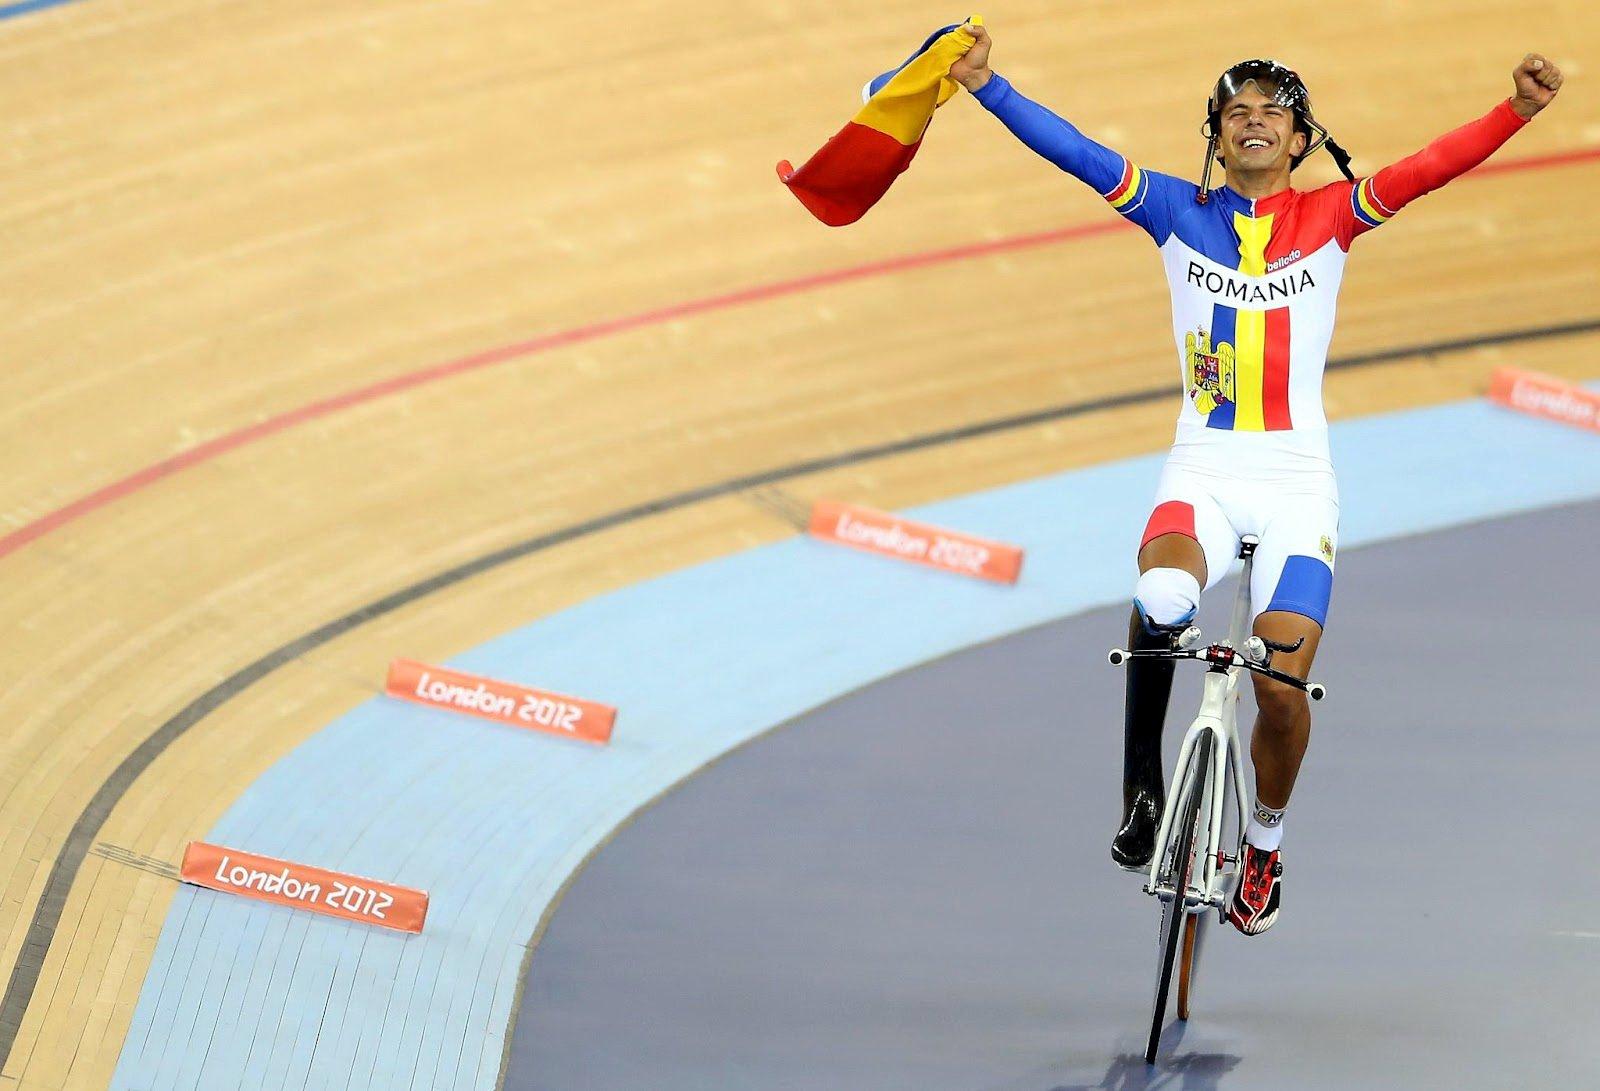 """Eduard Novak: """"Îmi doresc o medalie la Mondiale să revin în elita ciclismului!"""""""